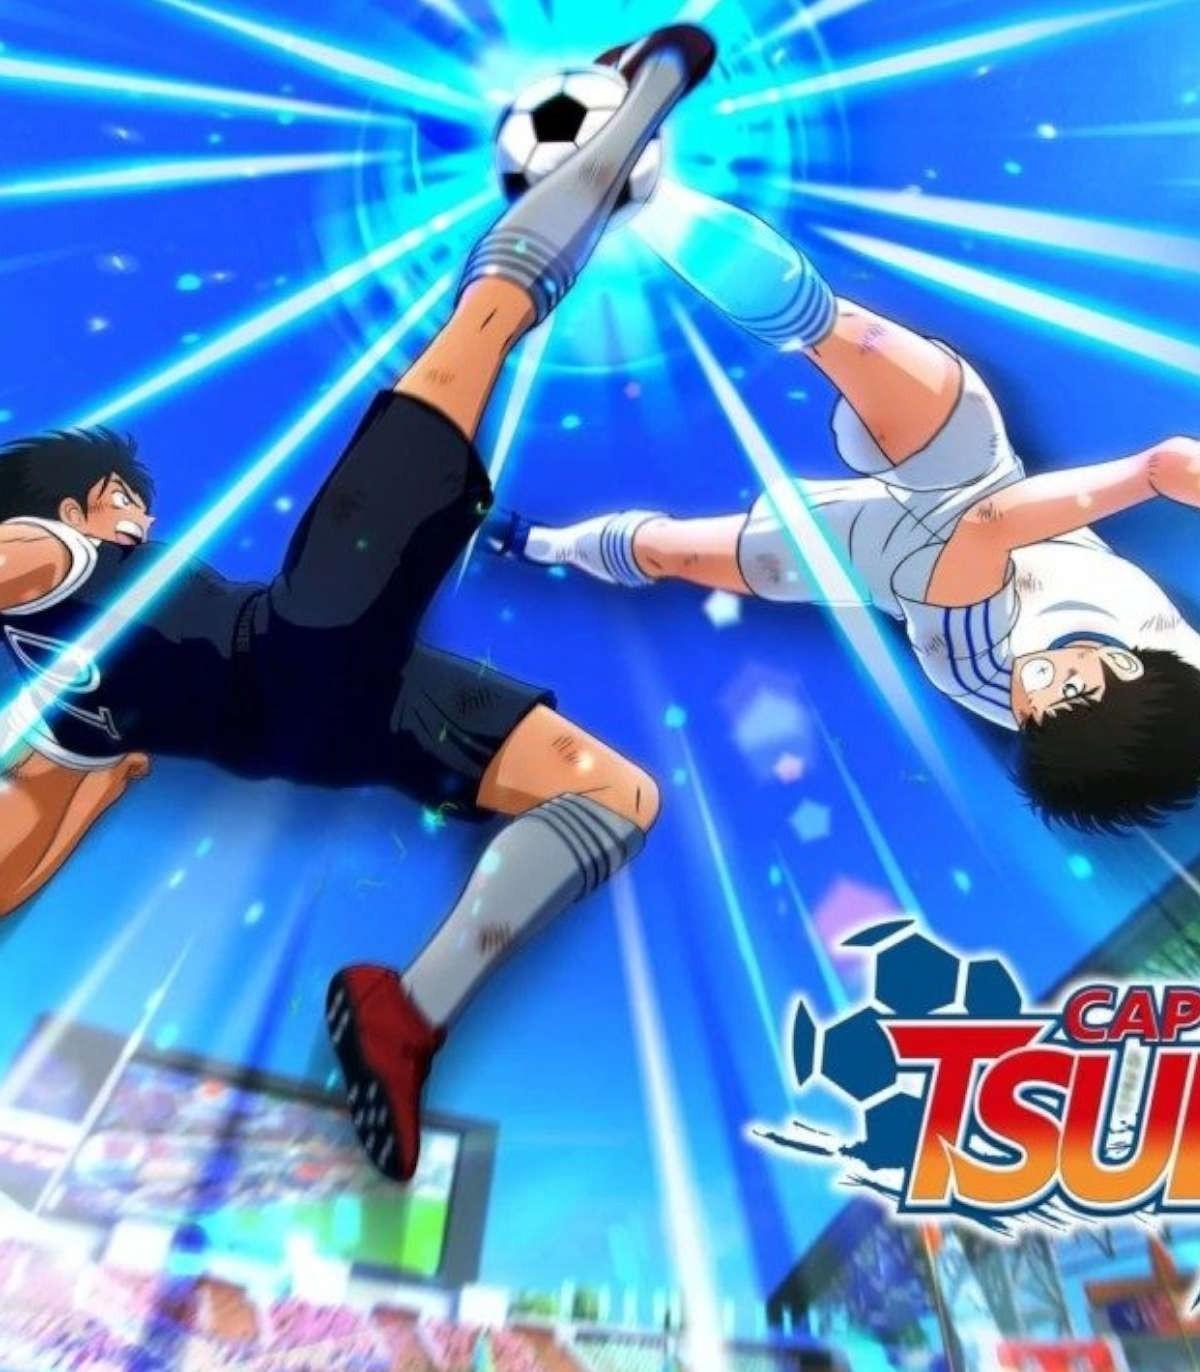 بازی Captain Tsubasa: Rise of New Champions - پلی استیشن 4